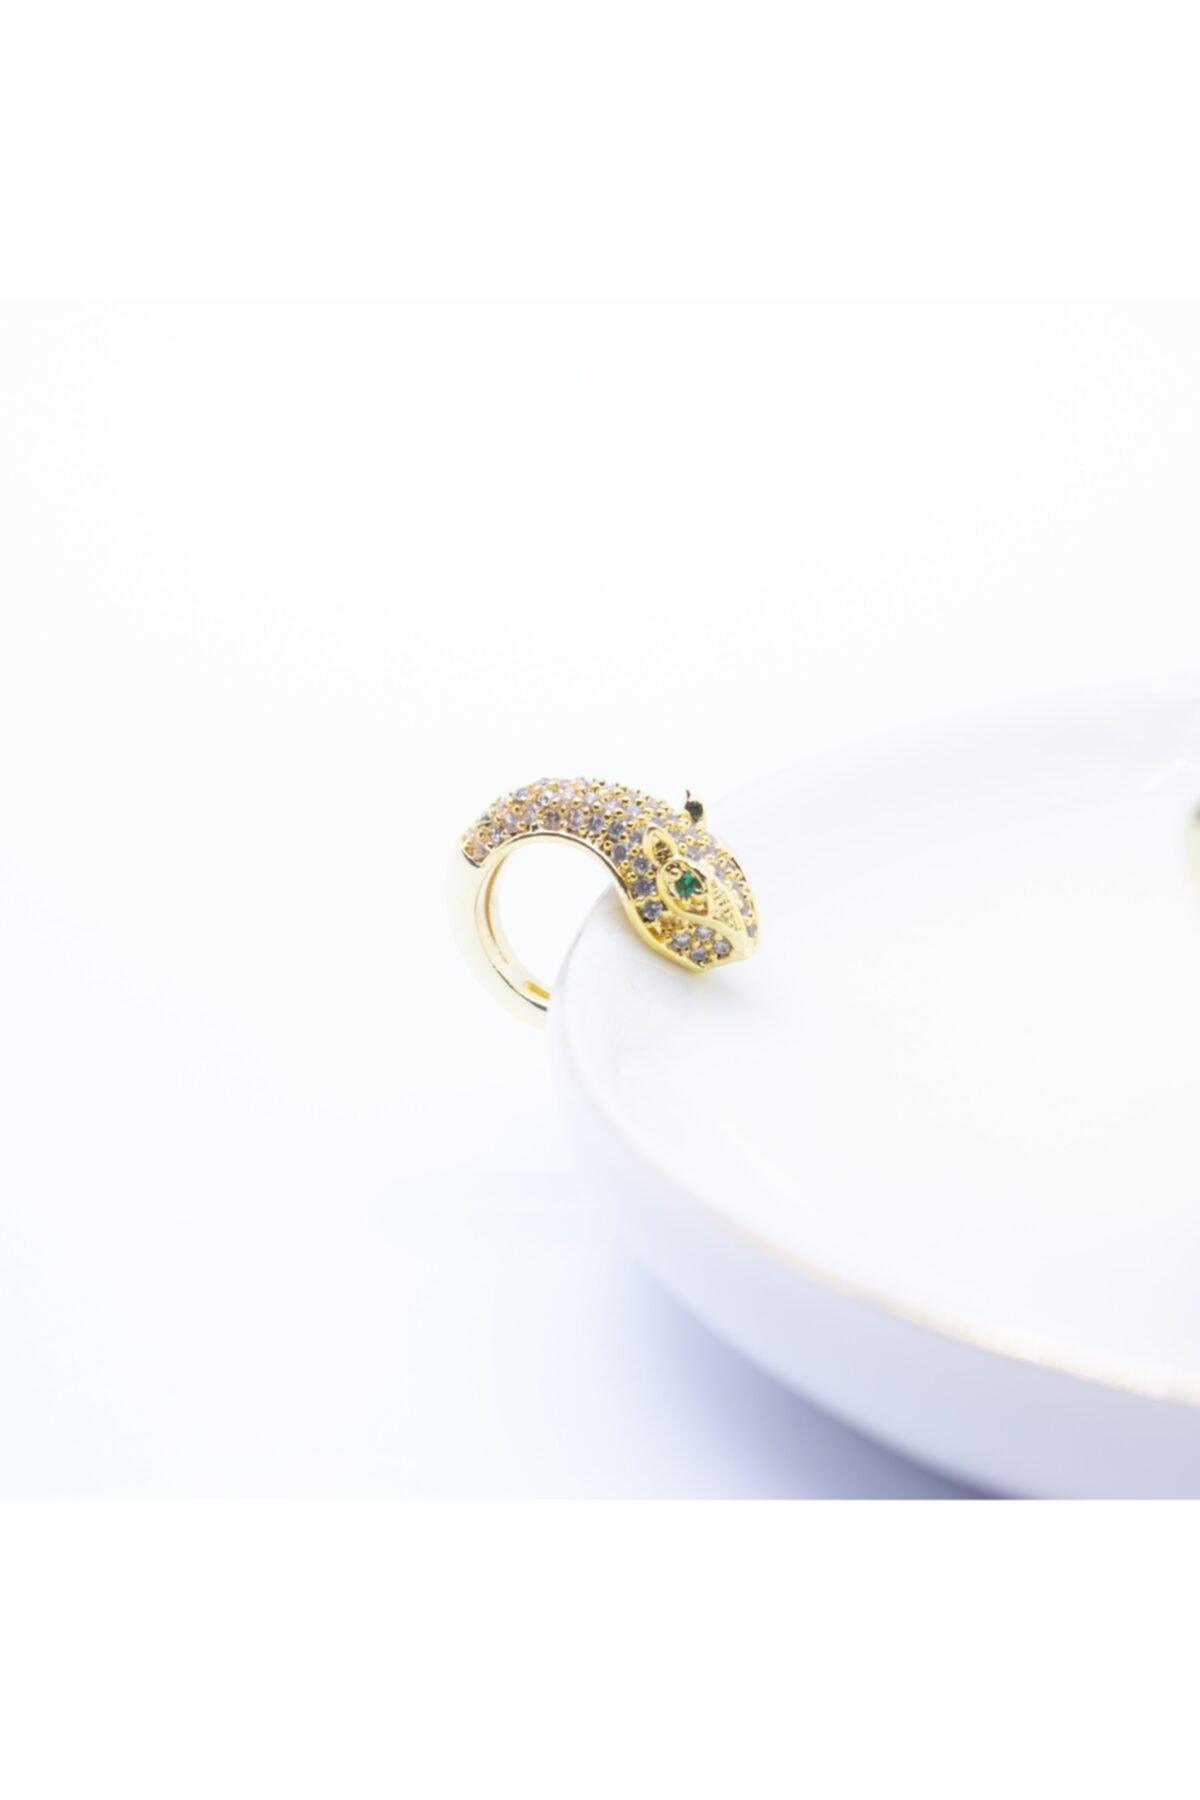 D'amore Atelier Altın Kaplama Kaplan Ear Cuff (kıkırdak) Küpe 1